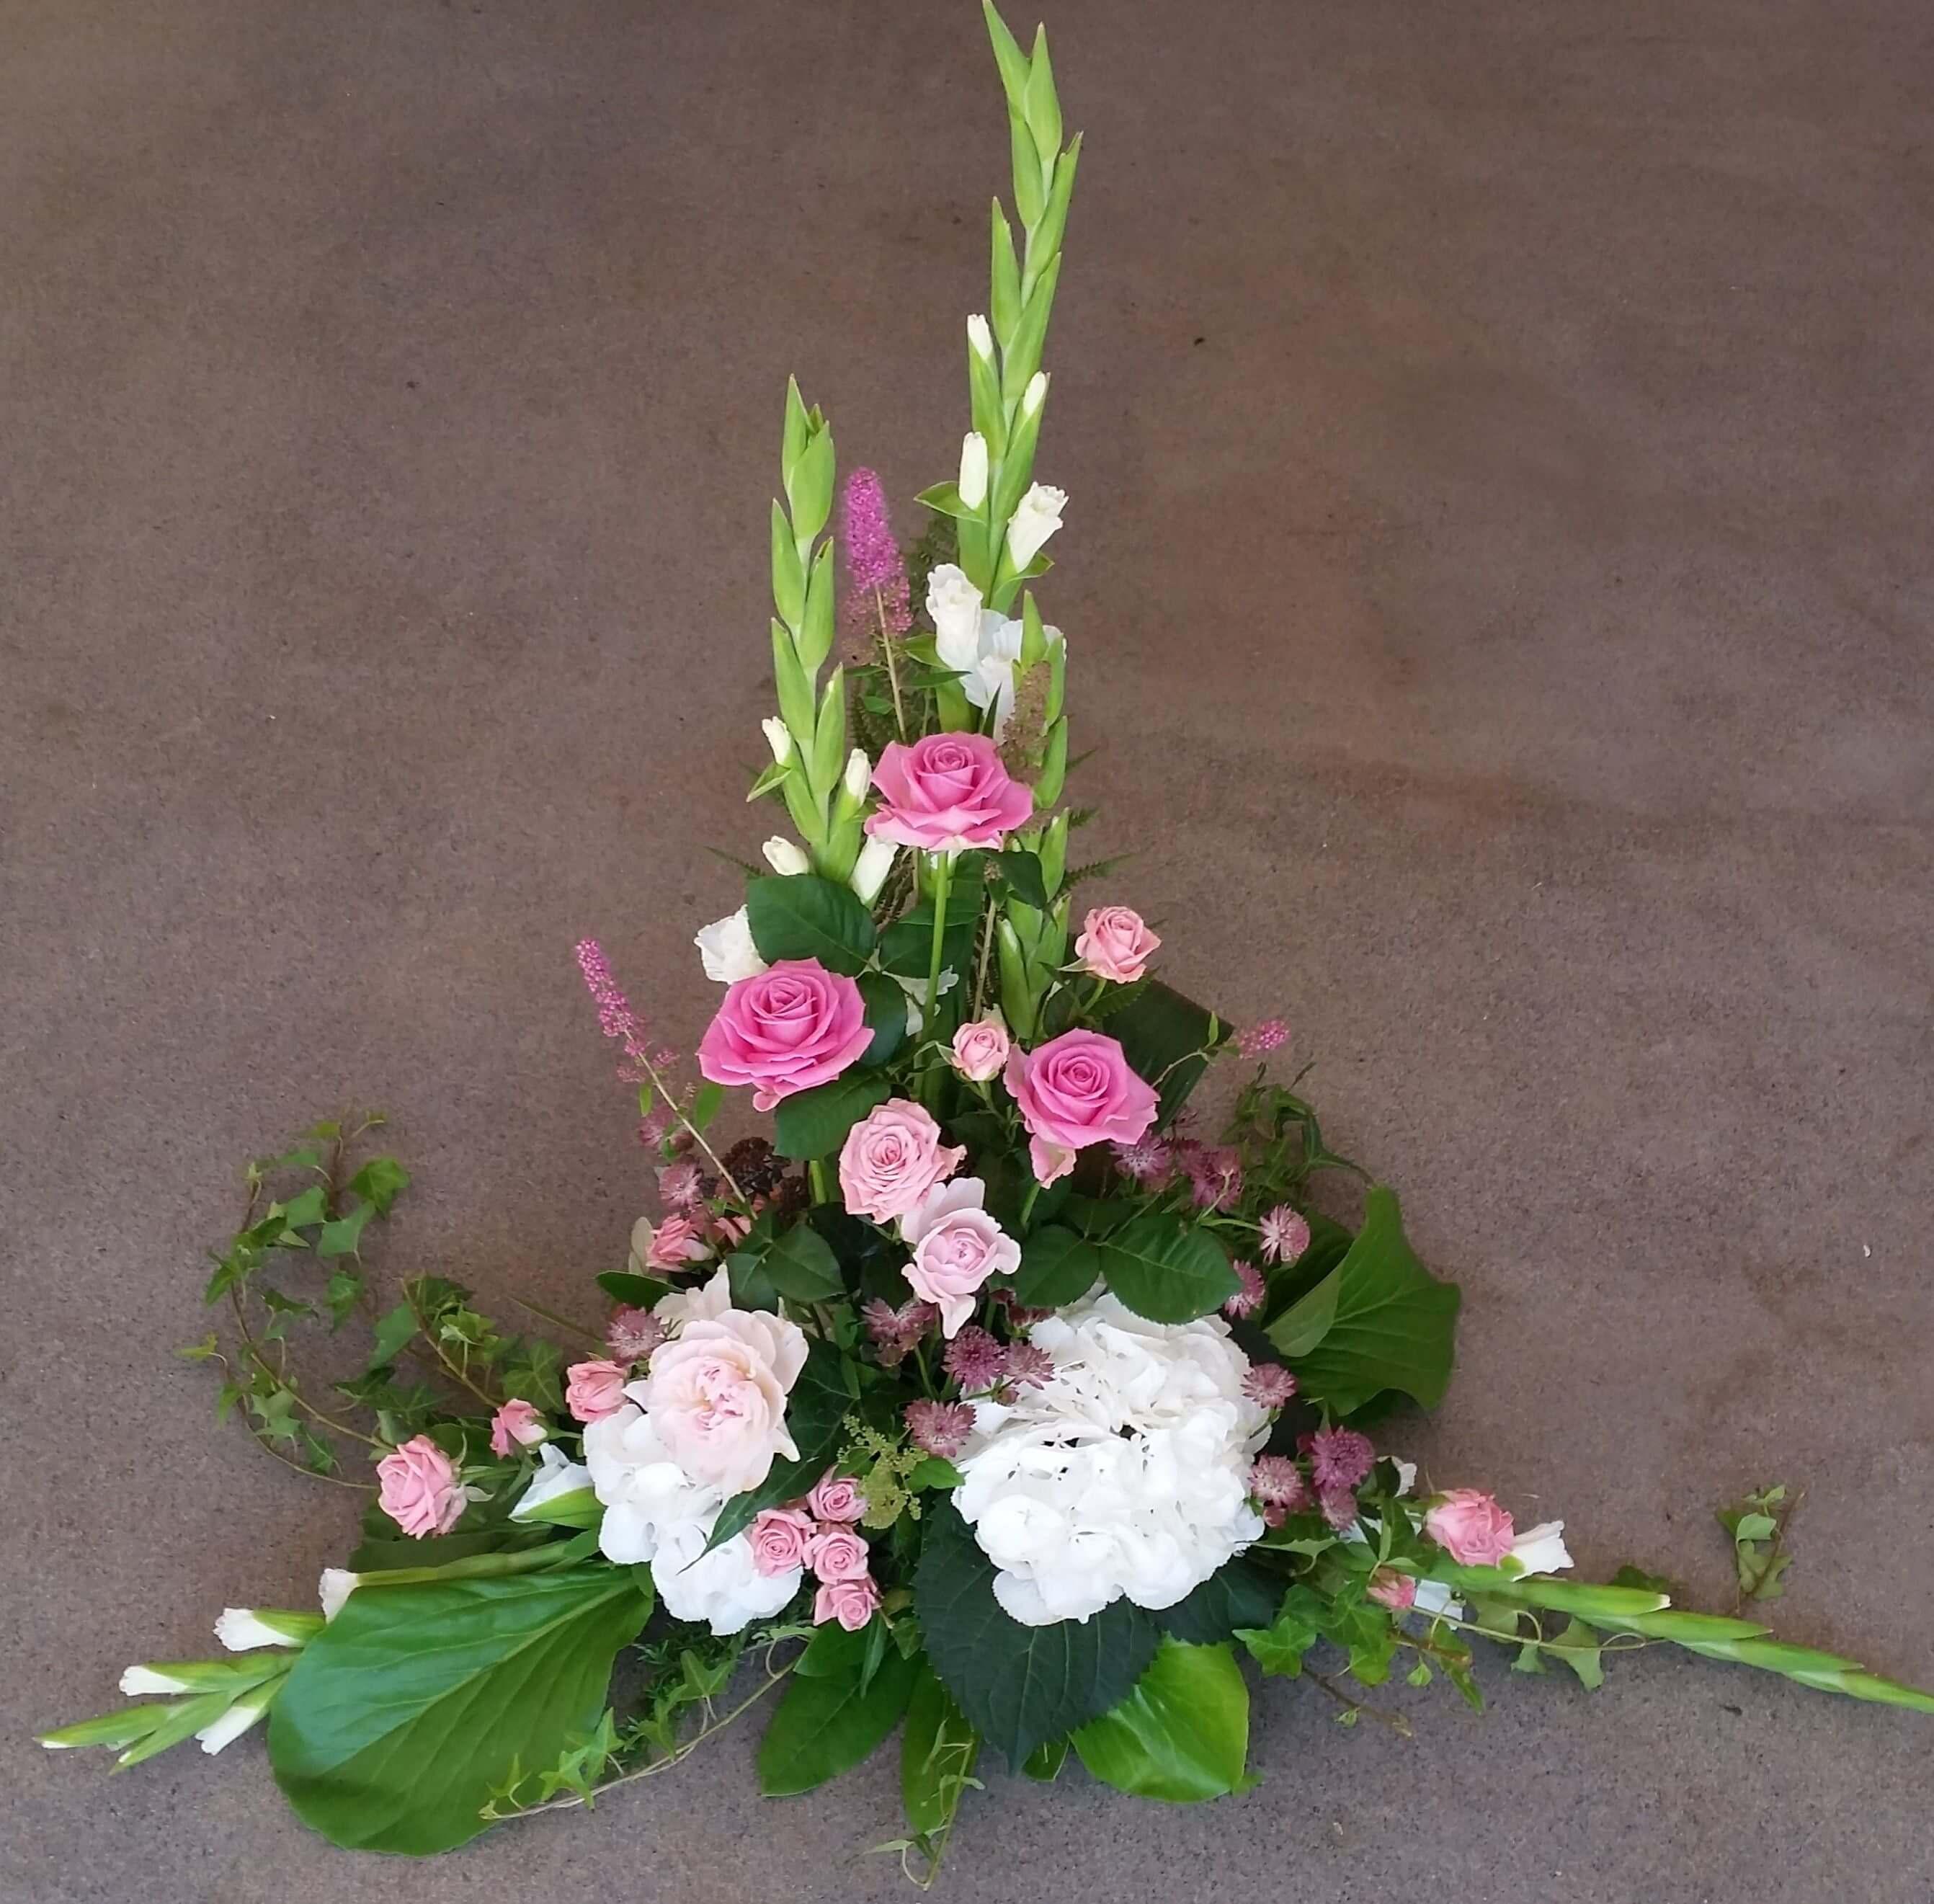 Somrig rossvit begravningsbukett